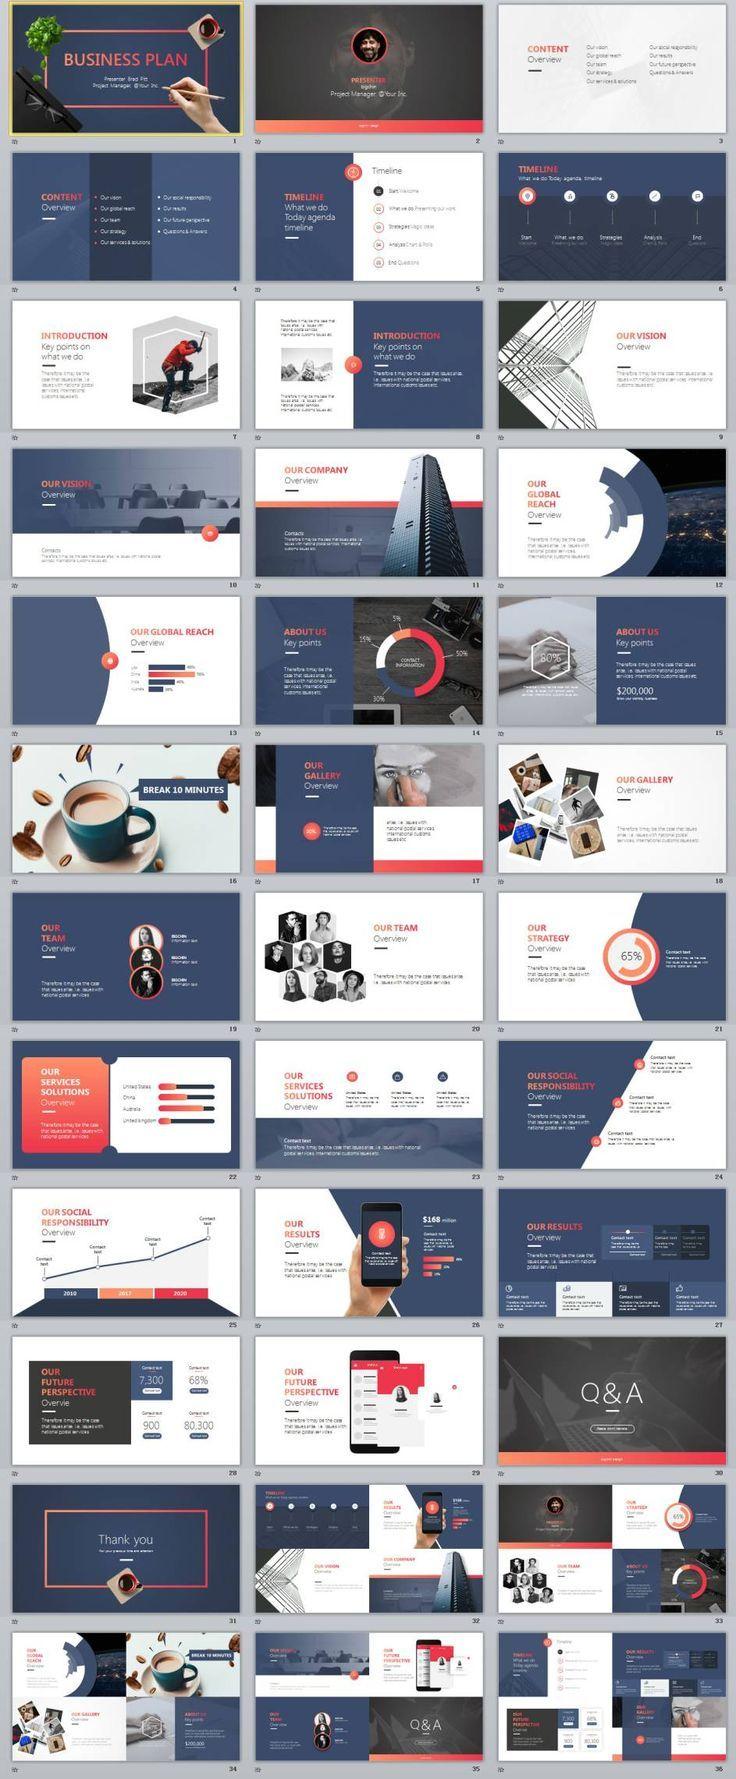 30 Best Tech Business Plan Powerpoint Template Powerpoint Design Templates Powerpoint Presentation Design Business Plan Design